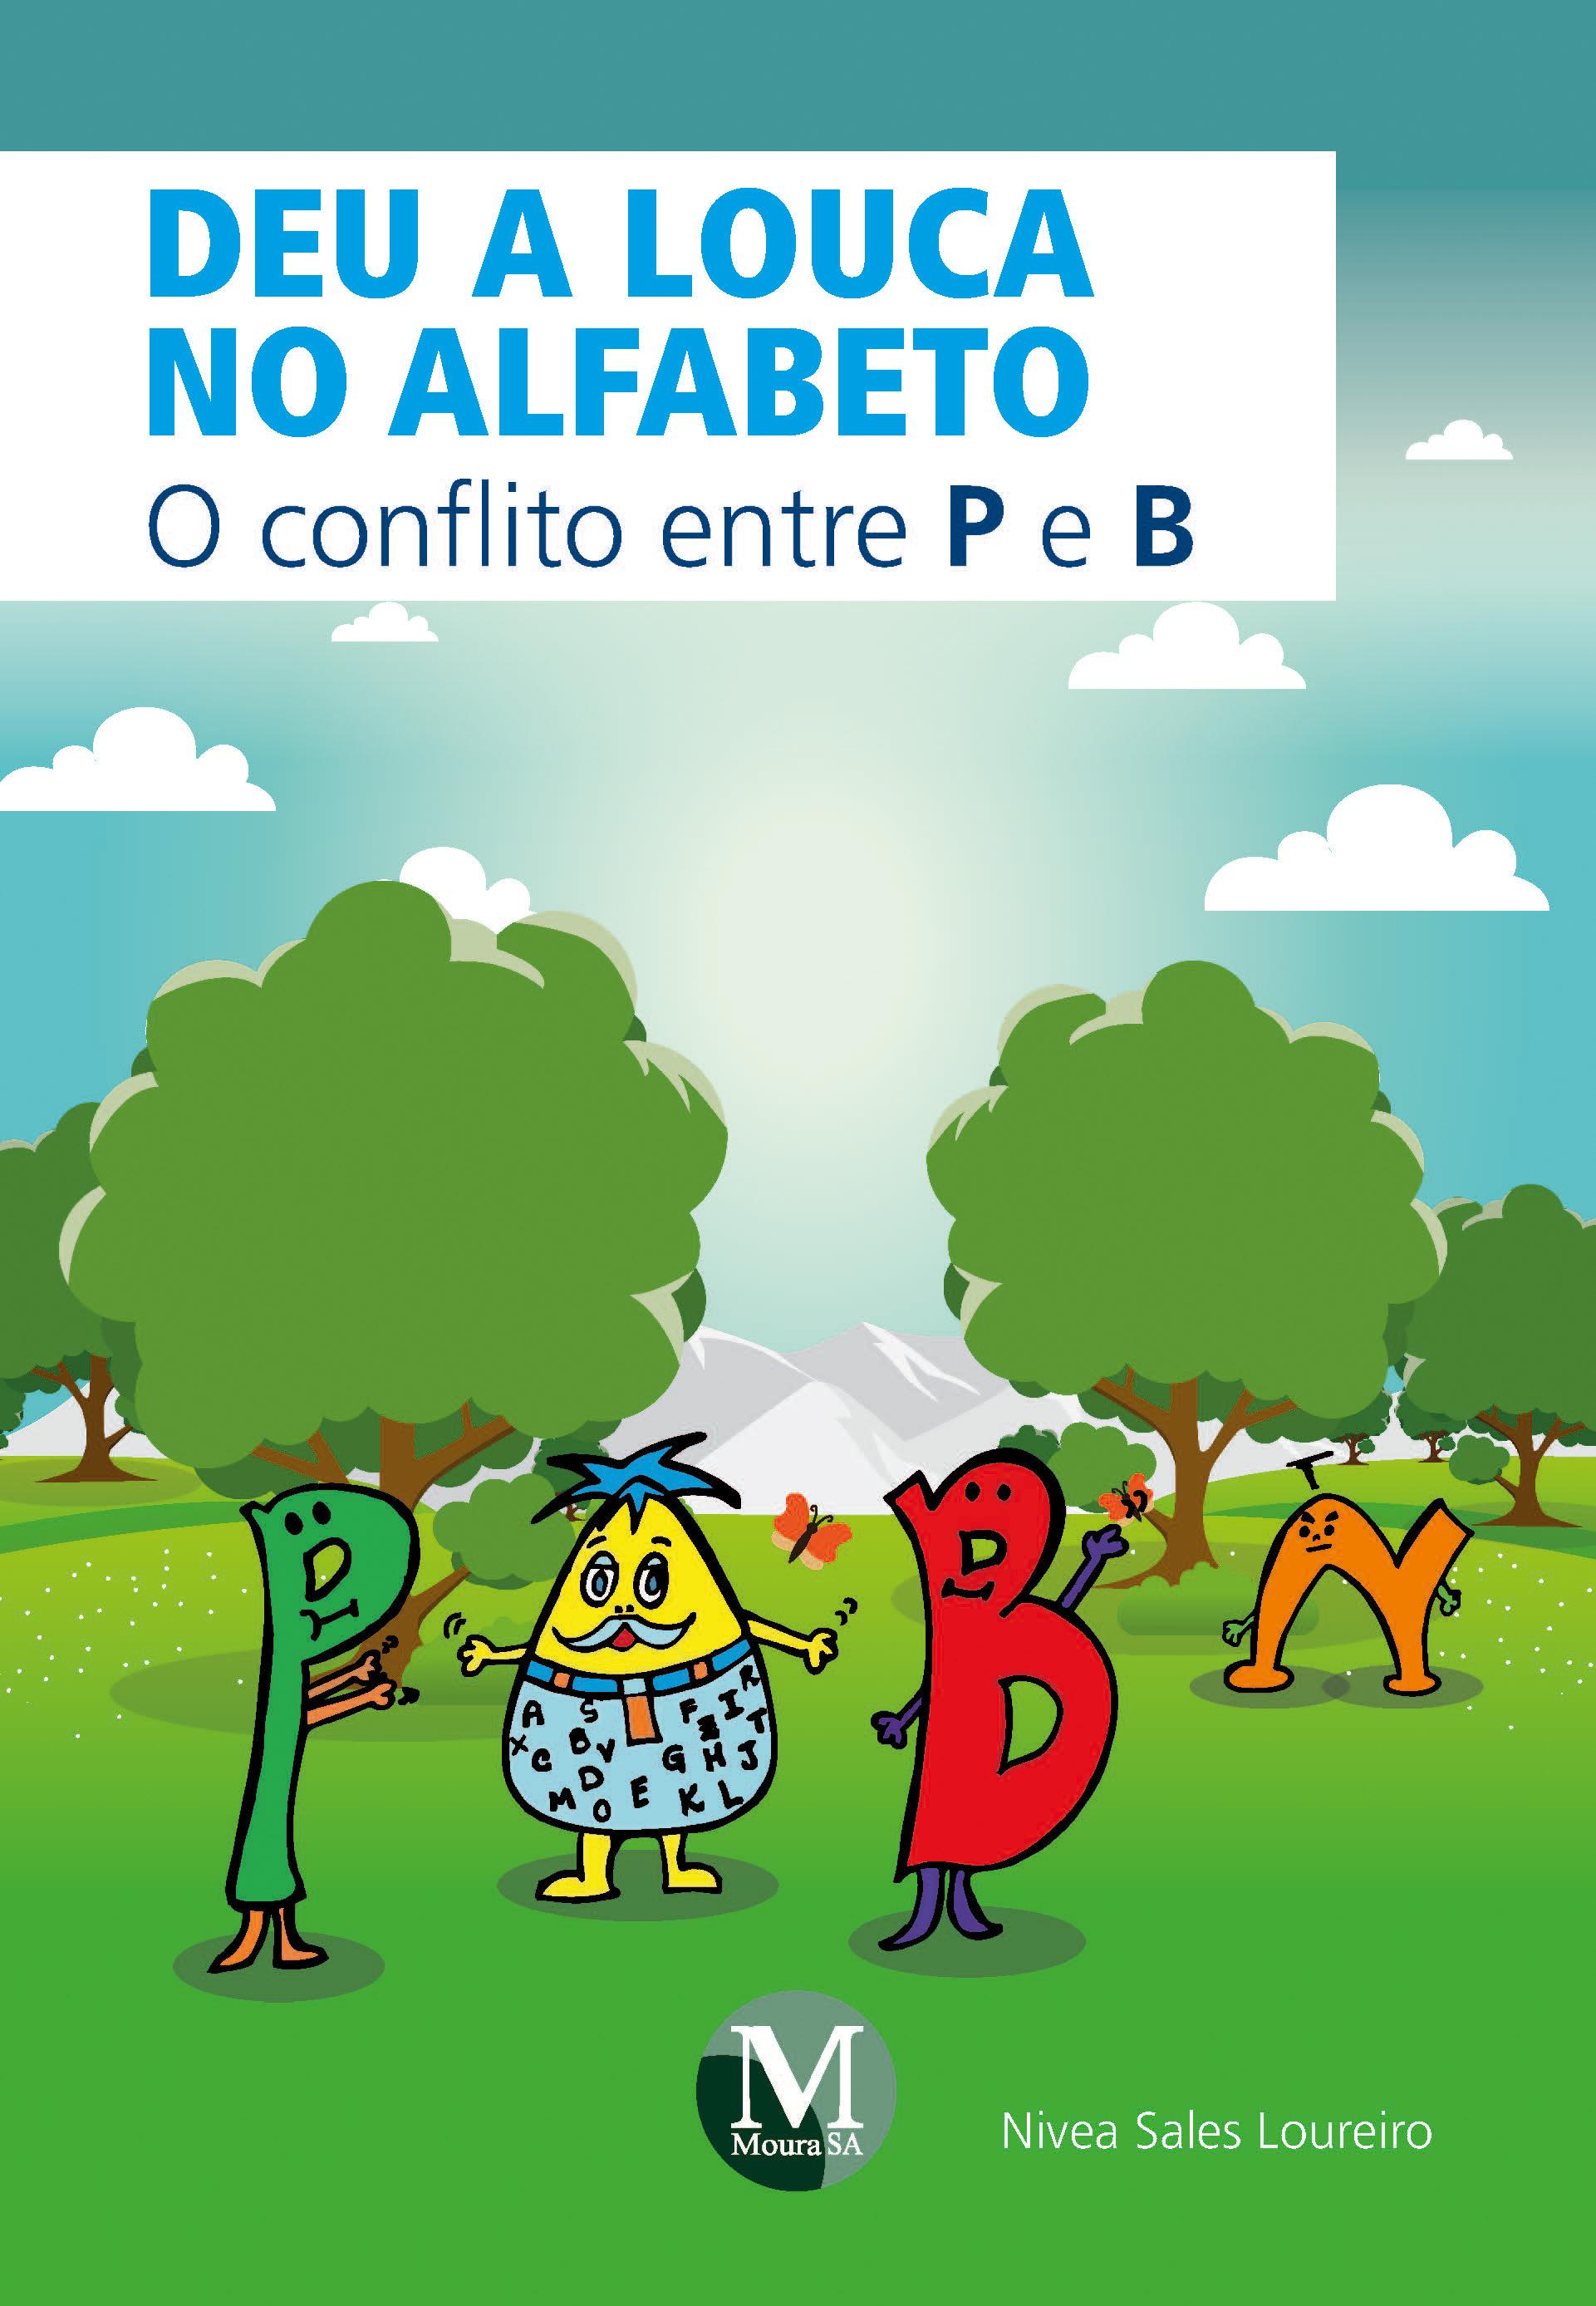 Capa do livro: DEU A LOUCA NO ALFABETO:<br>o conflito entre P e B